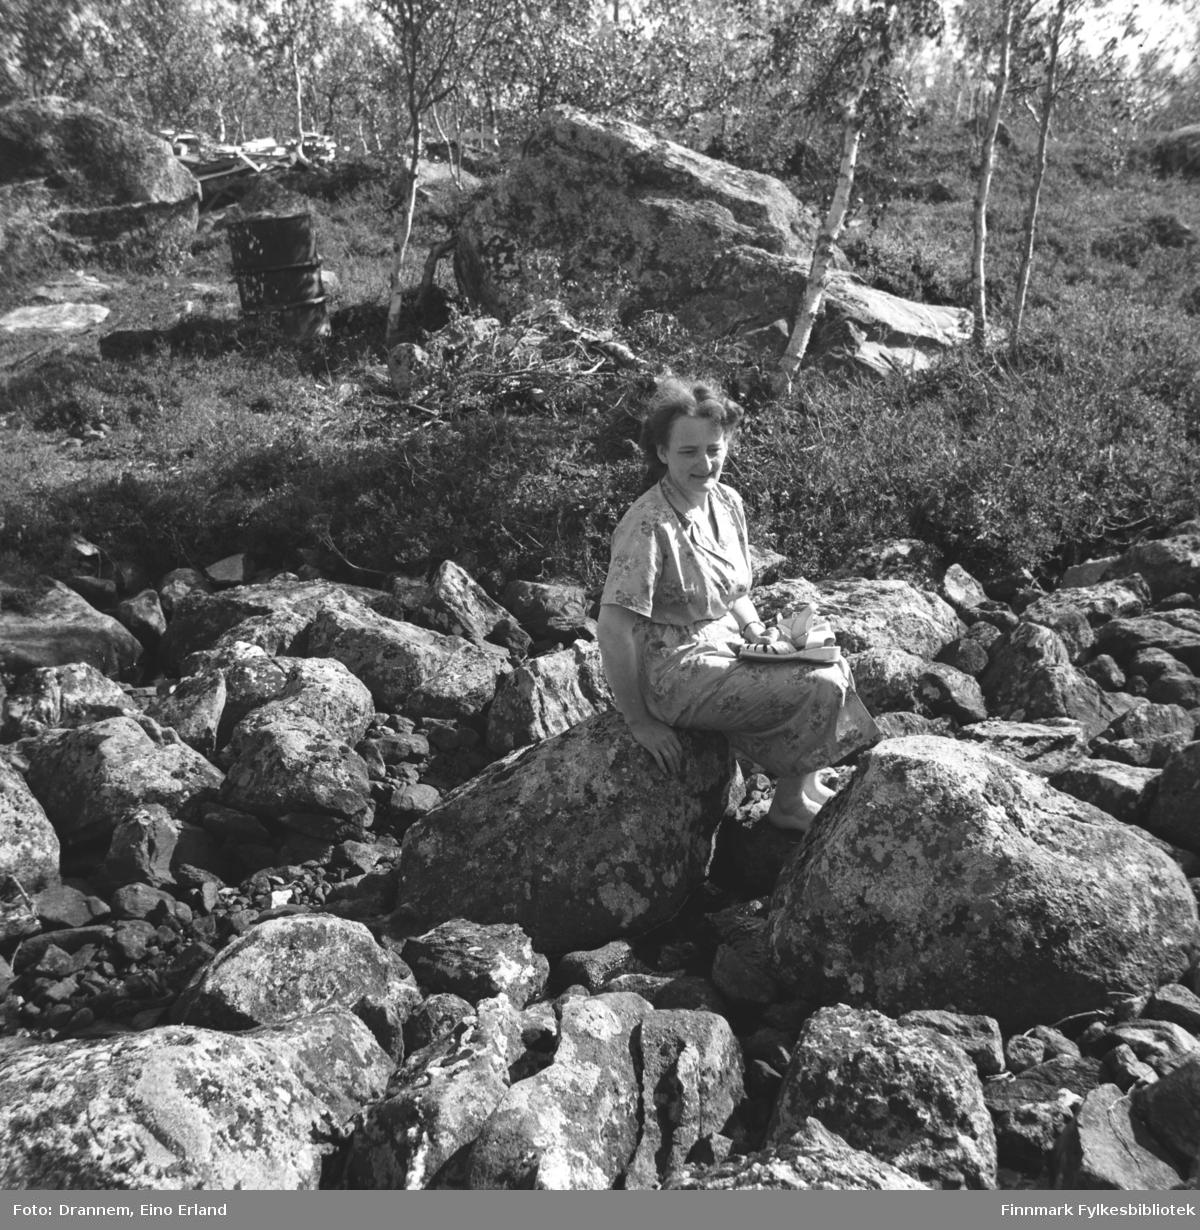 Olaug Gabrielsen sitter på en stor stein iført en kortermet sommerkjole.